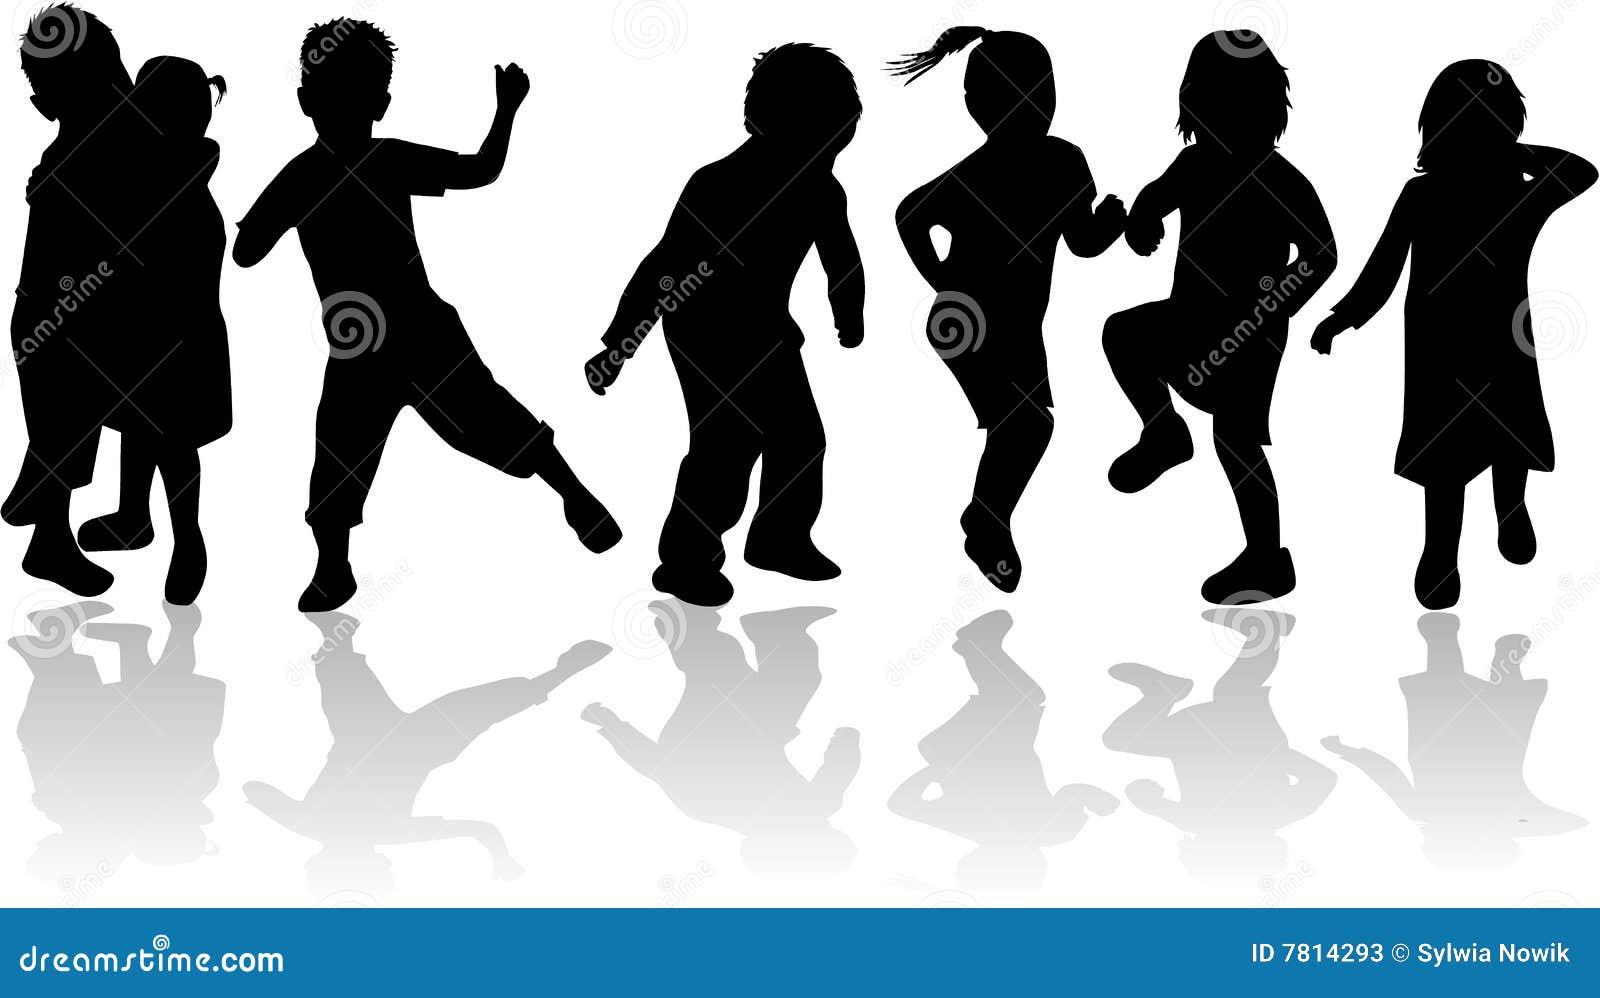 Kinder kinder schwarze schattenbilder stockfotos bild - Schattenbilder kinder ...